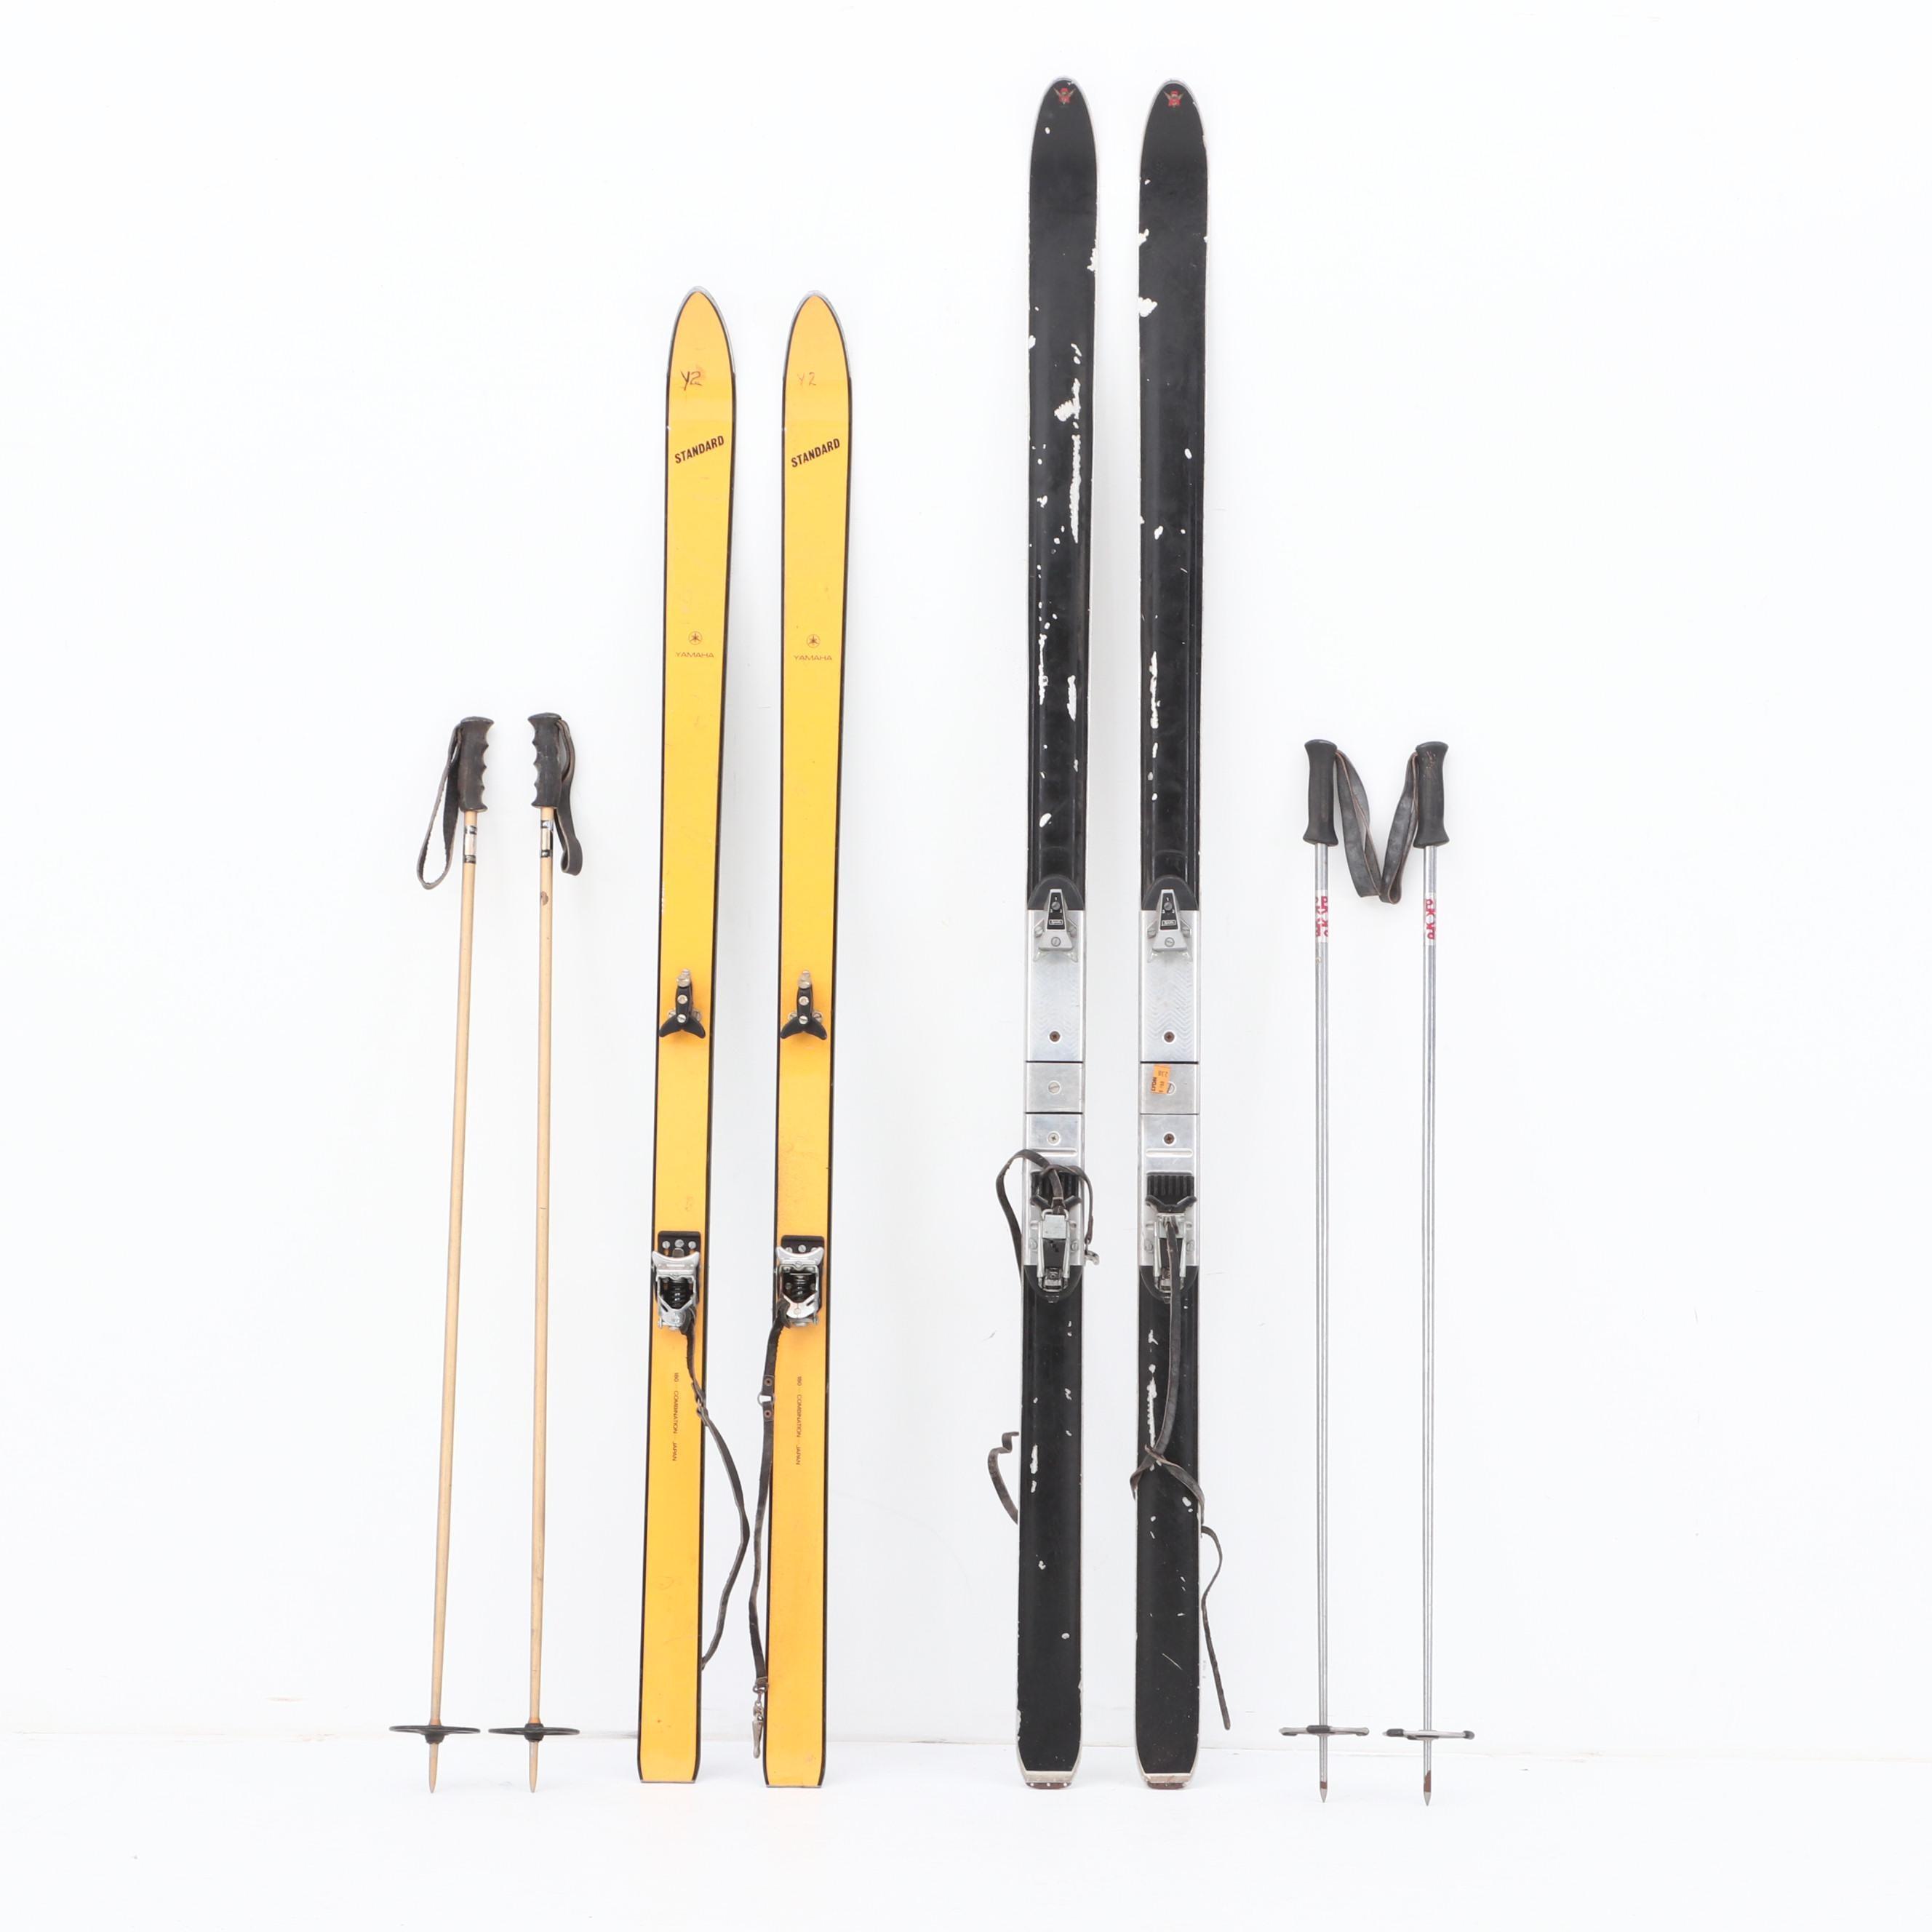 Tyrolia and Yamaha Downhill Snow Skis